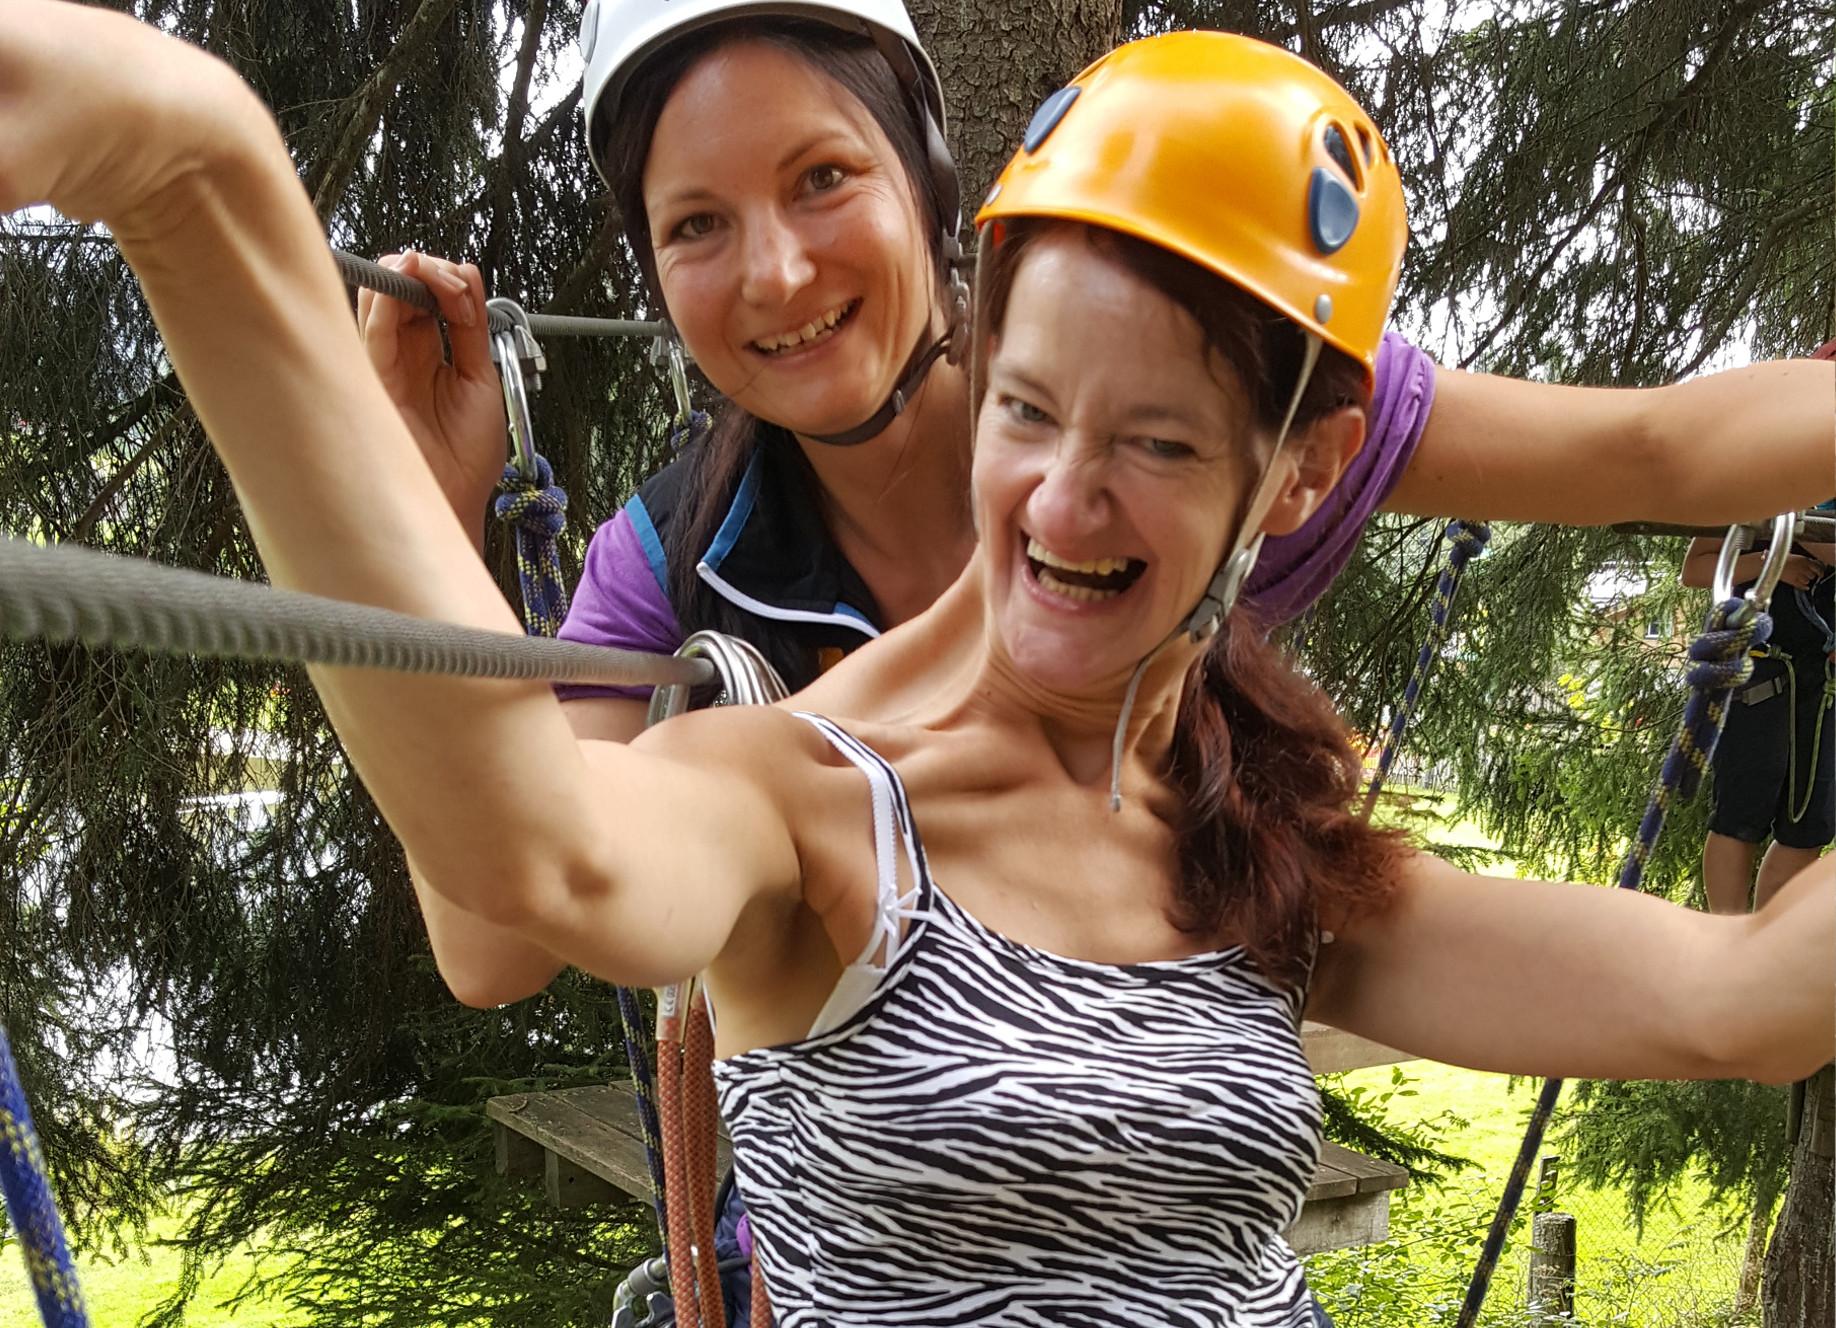 barrierefreier und rollstuhlgerechter Urlaub in den Bergen